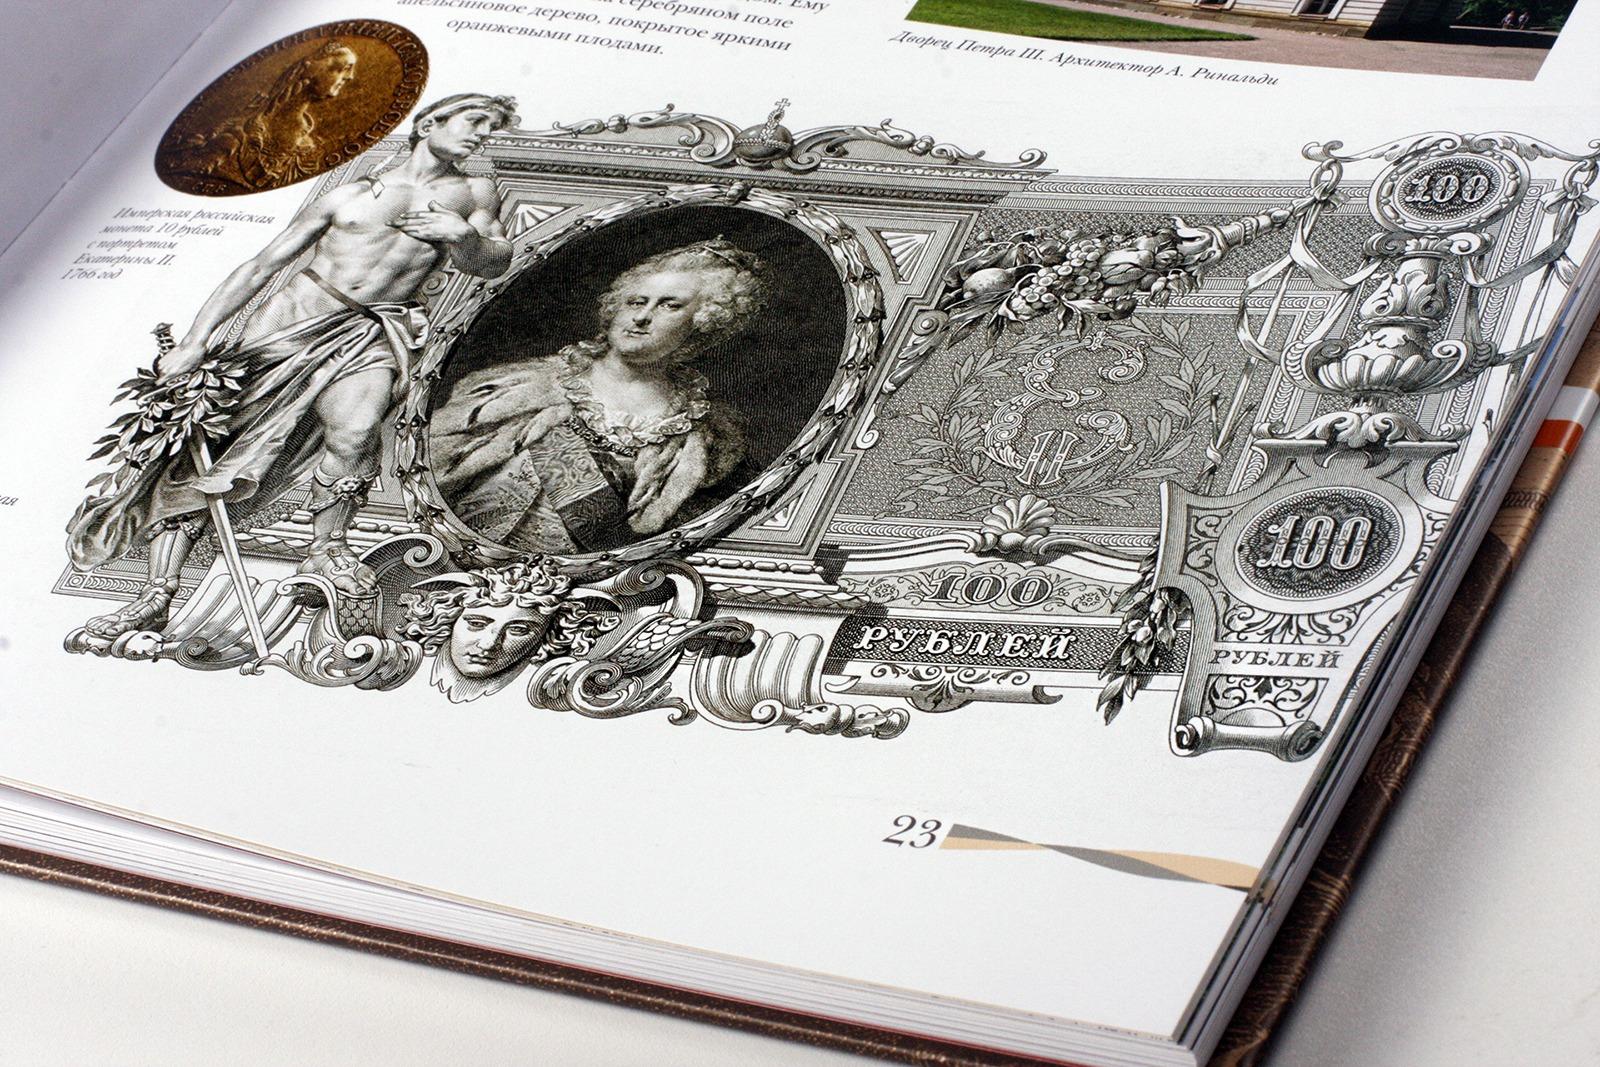 Ораниенбаум, город Ломоносов, годовщина, юбилейное издание, батенька, Екатерина